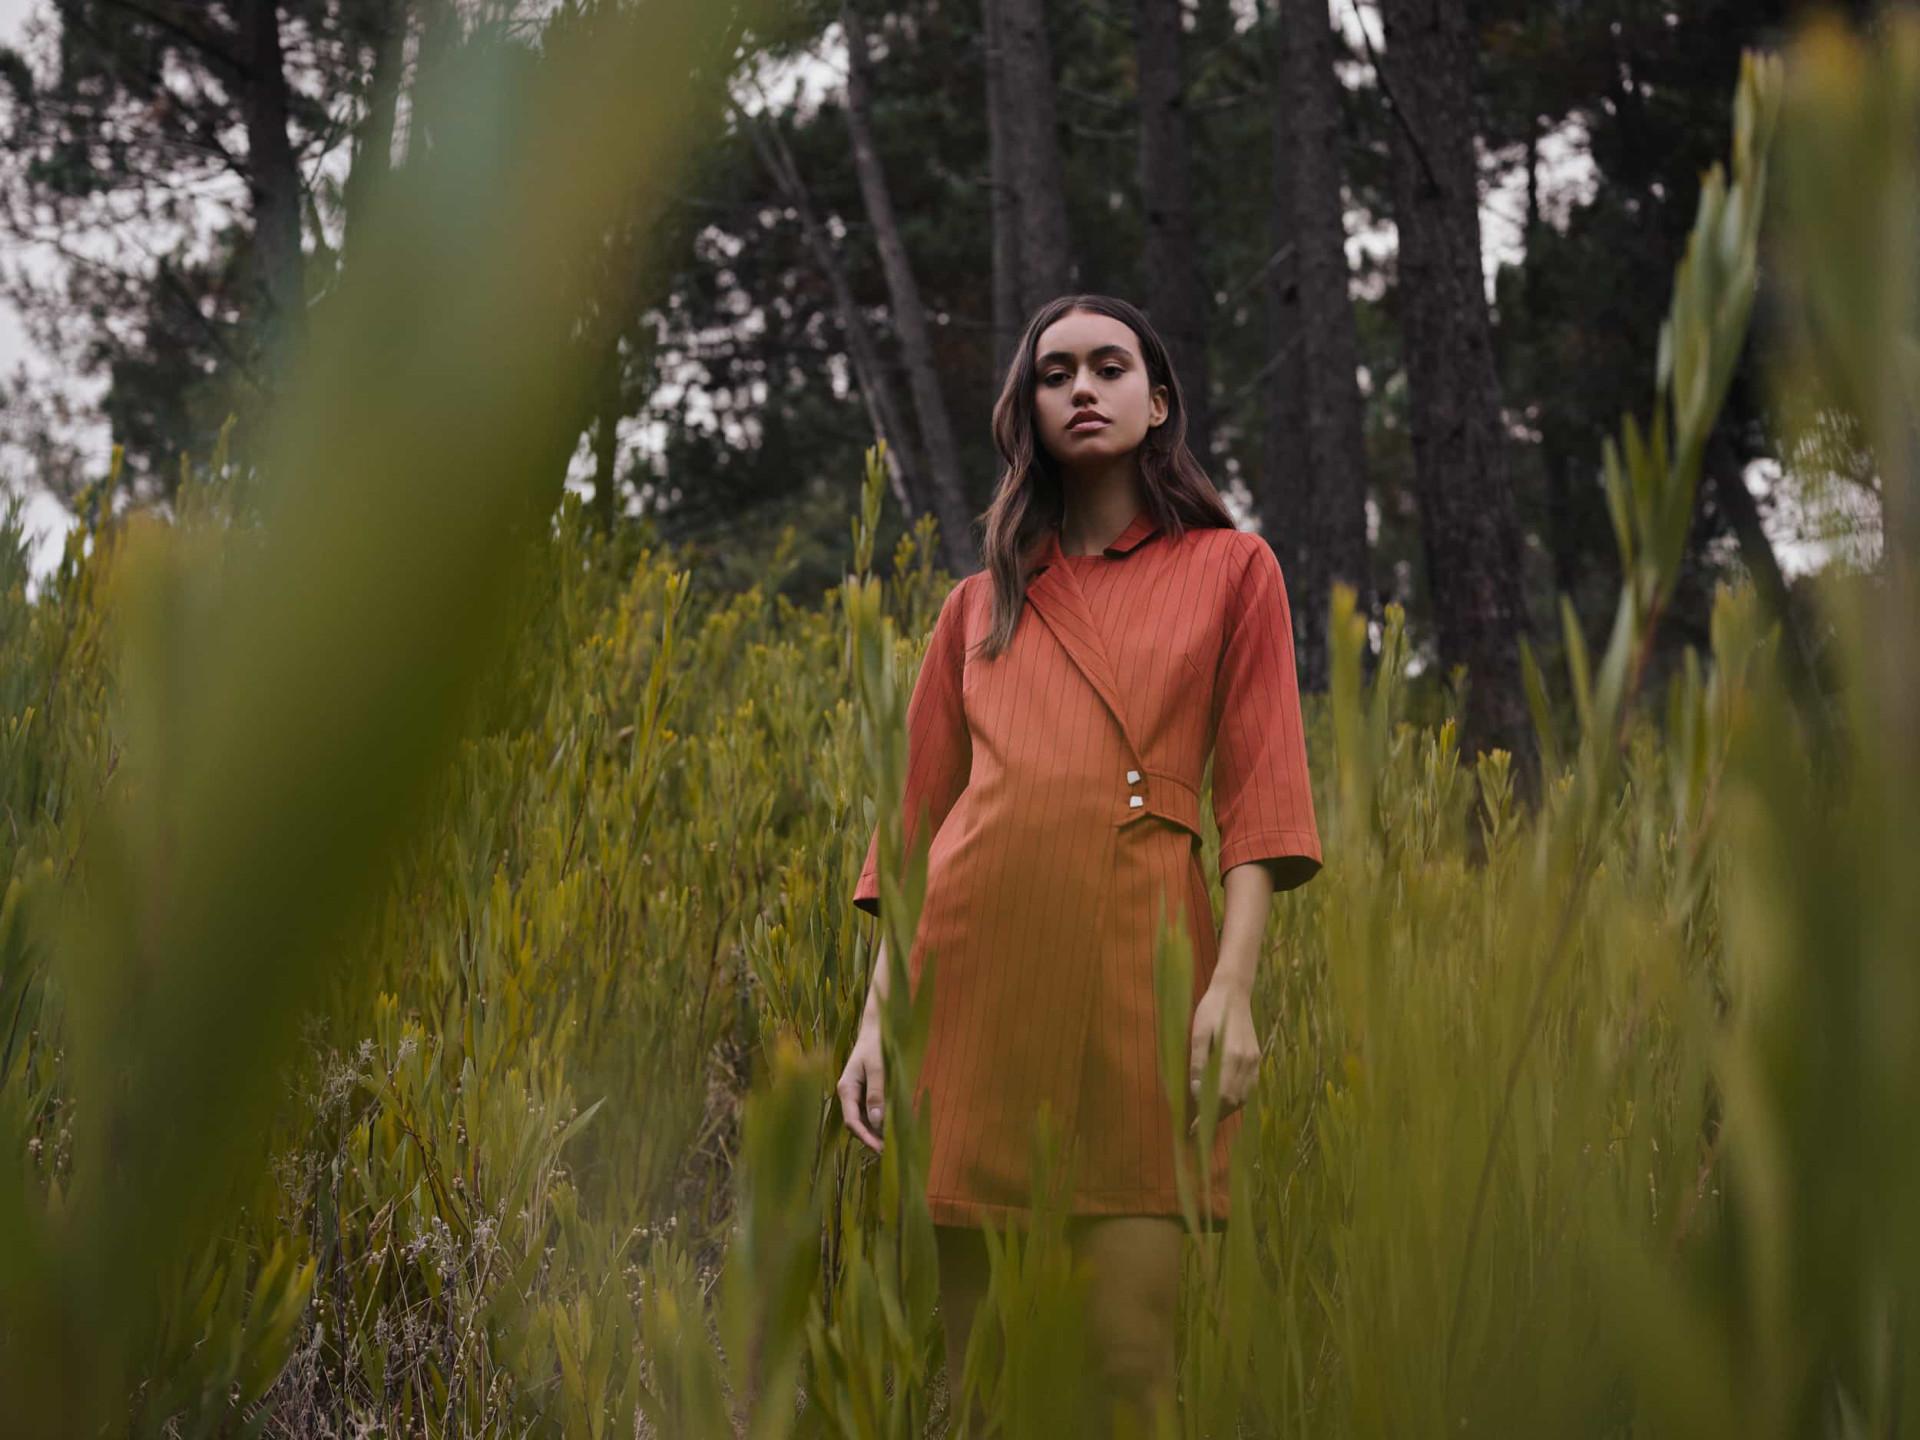 Recovery: A nova coleção da Foursoul para um outono repleto de mudança